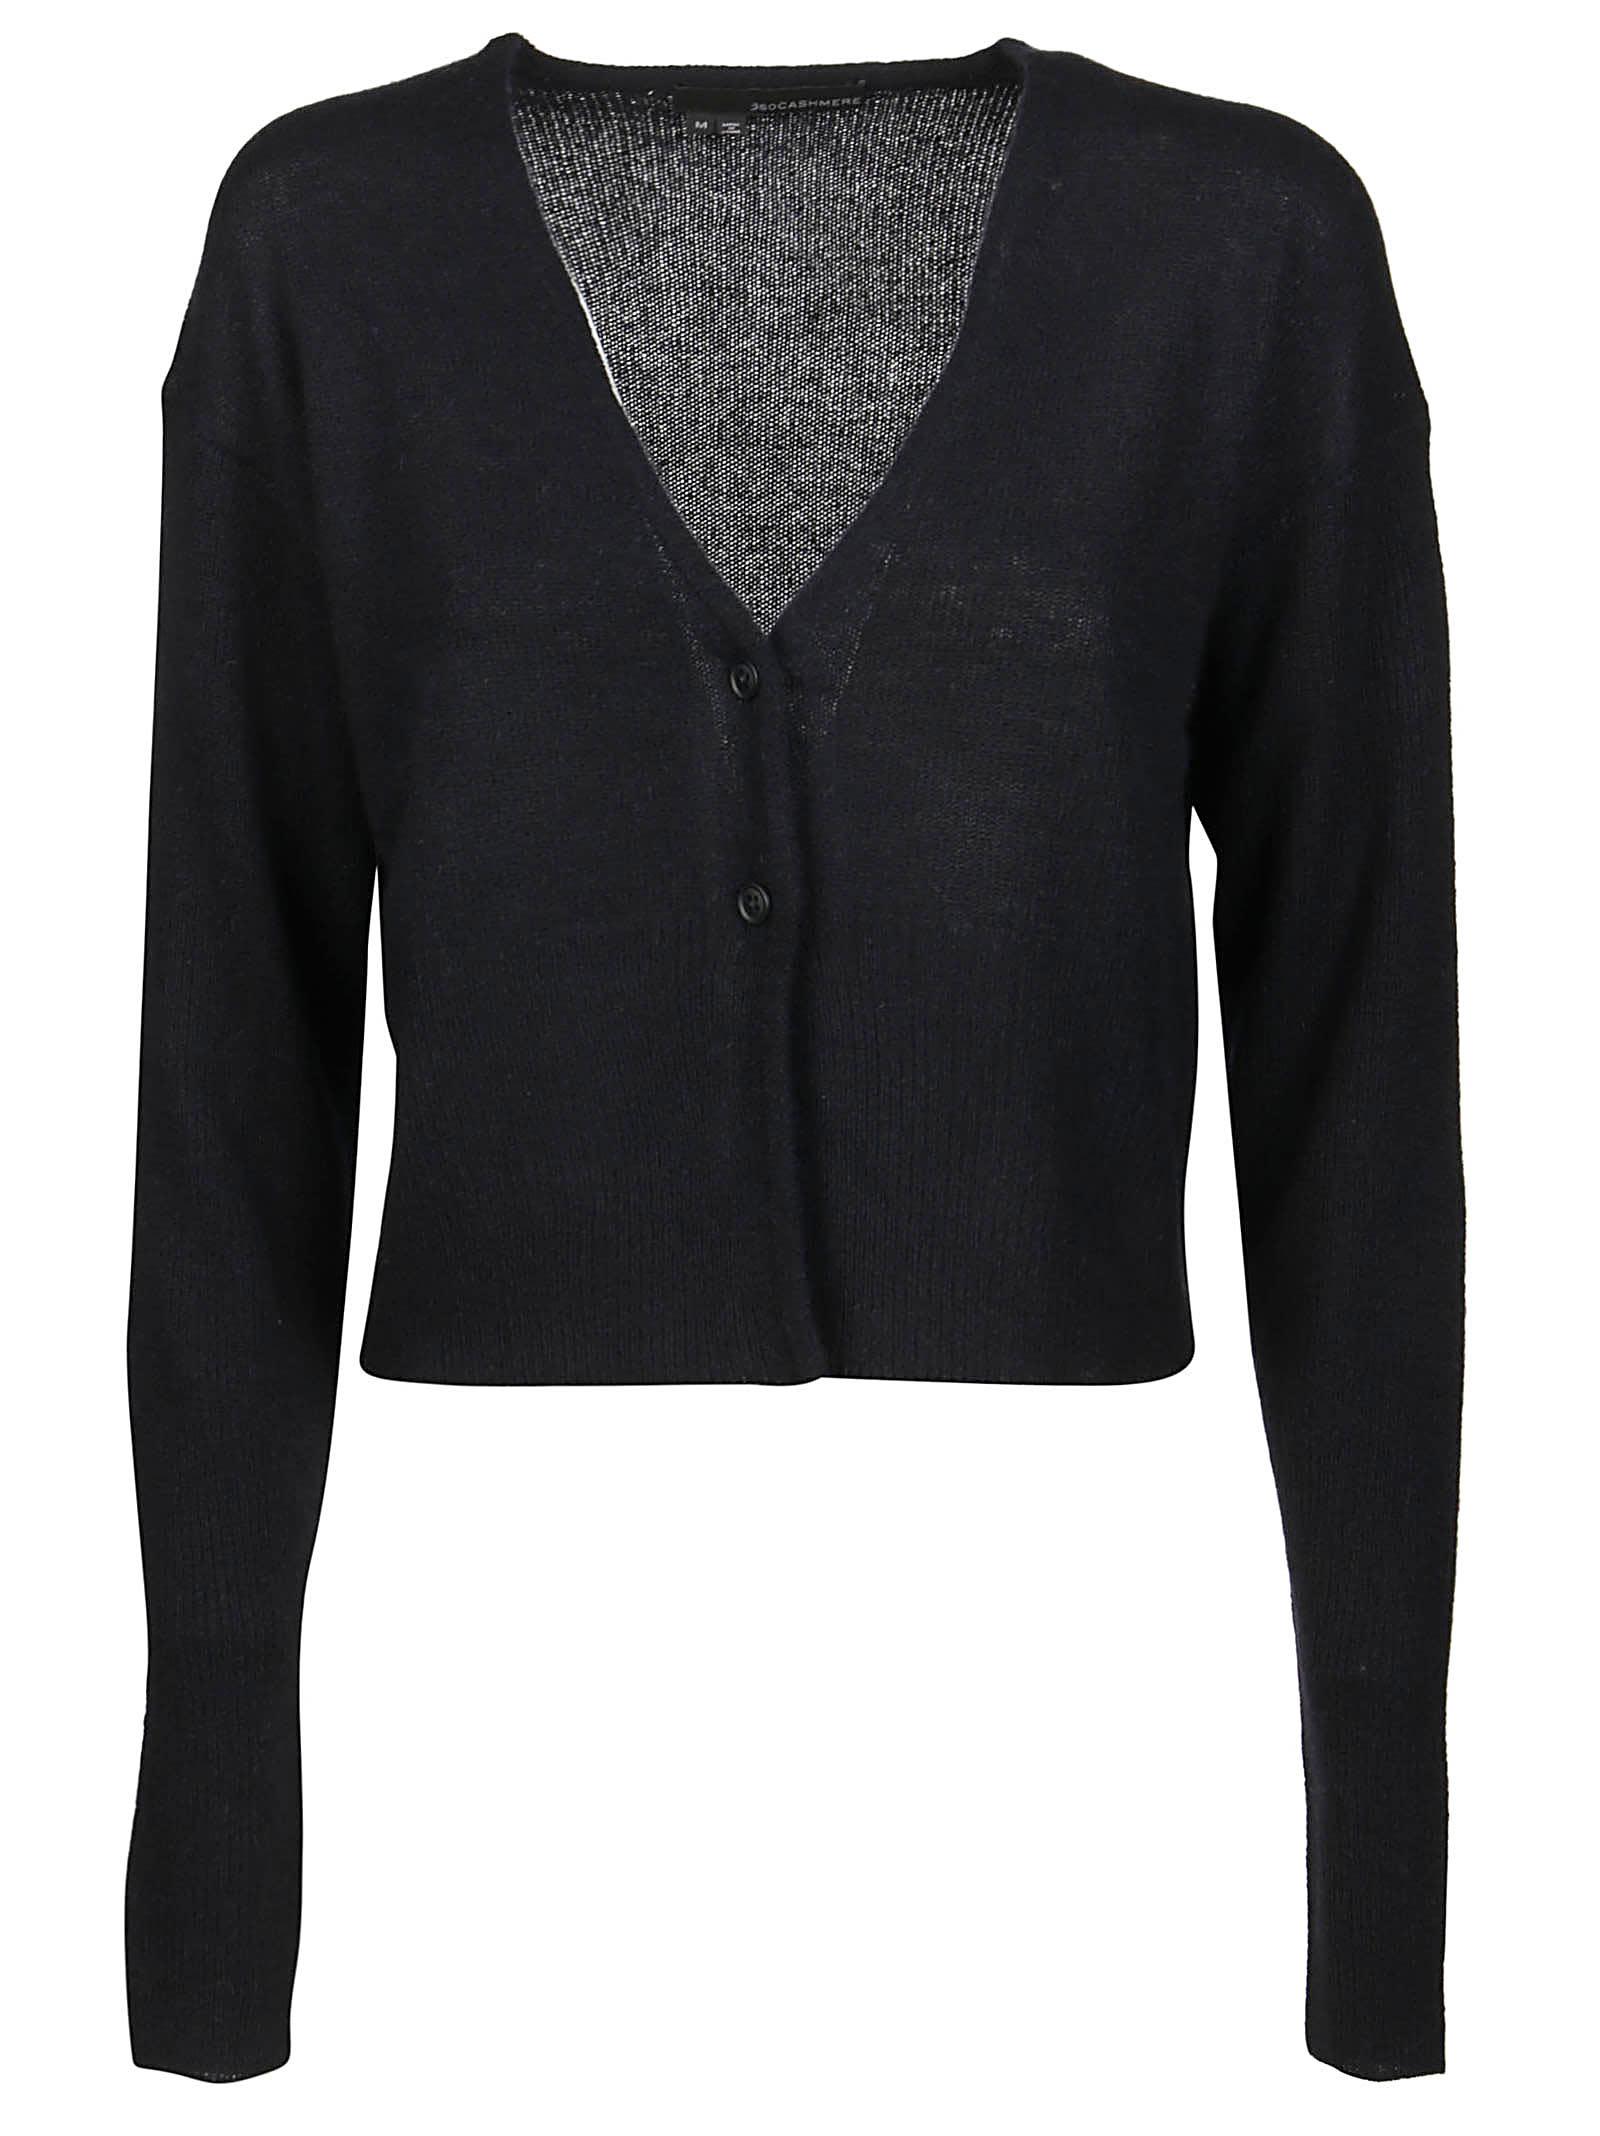 360 Sweater CARDIGAN GRACE